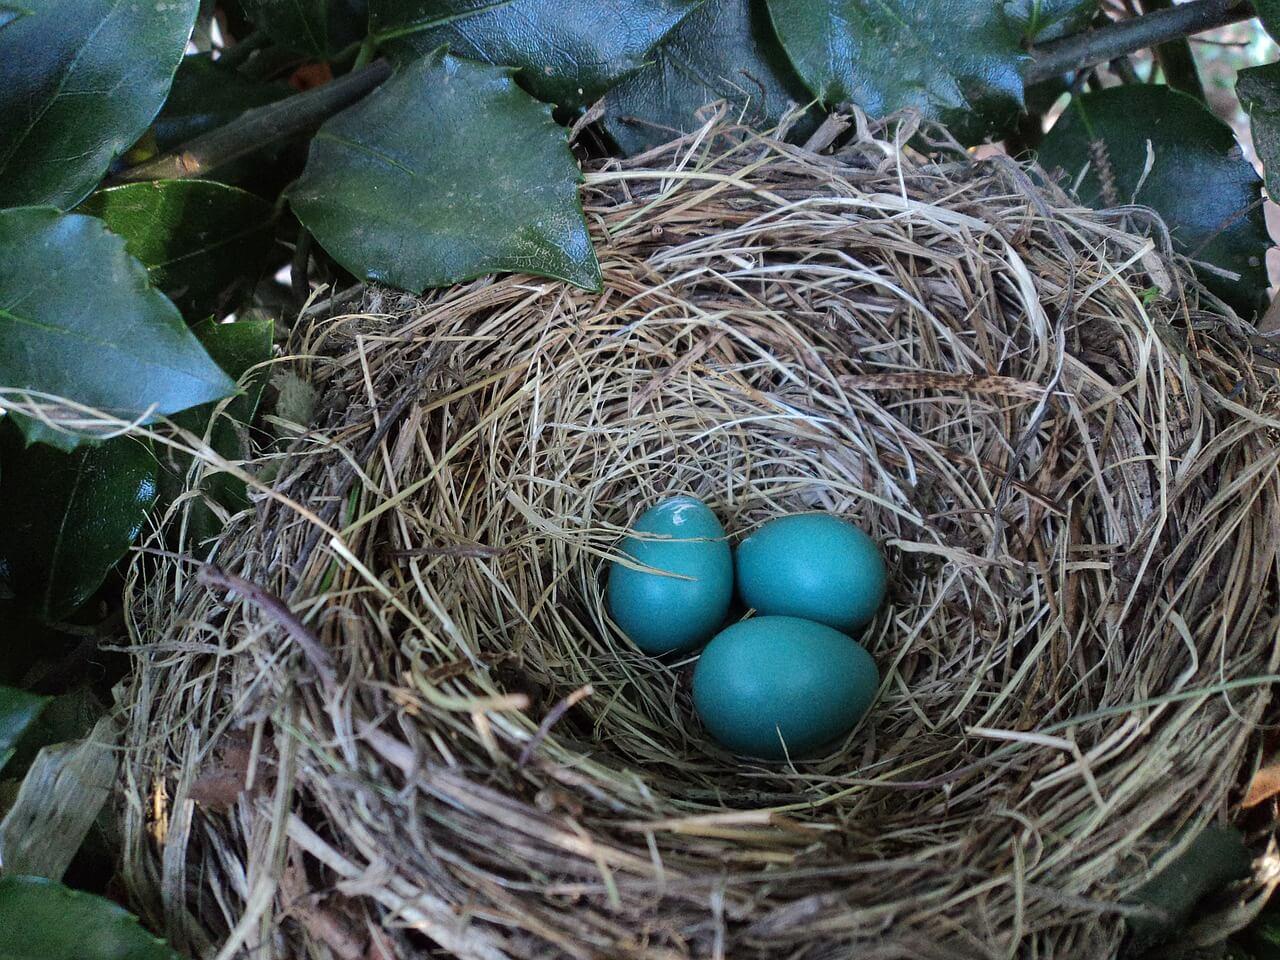 Vogelnestje met eitjes